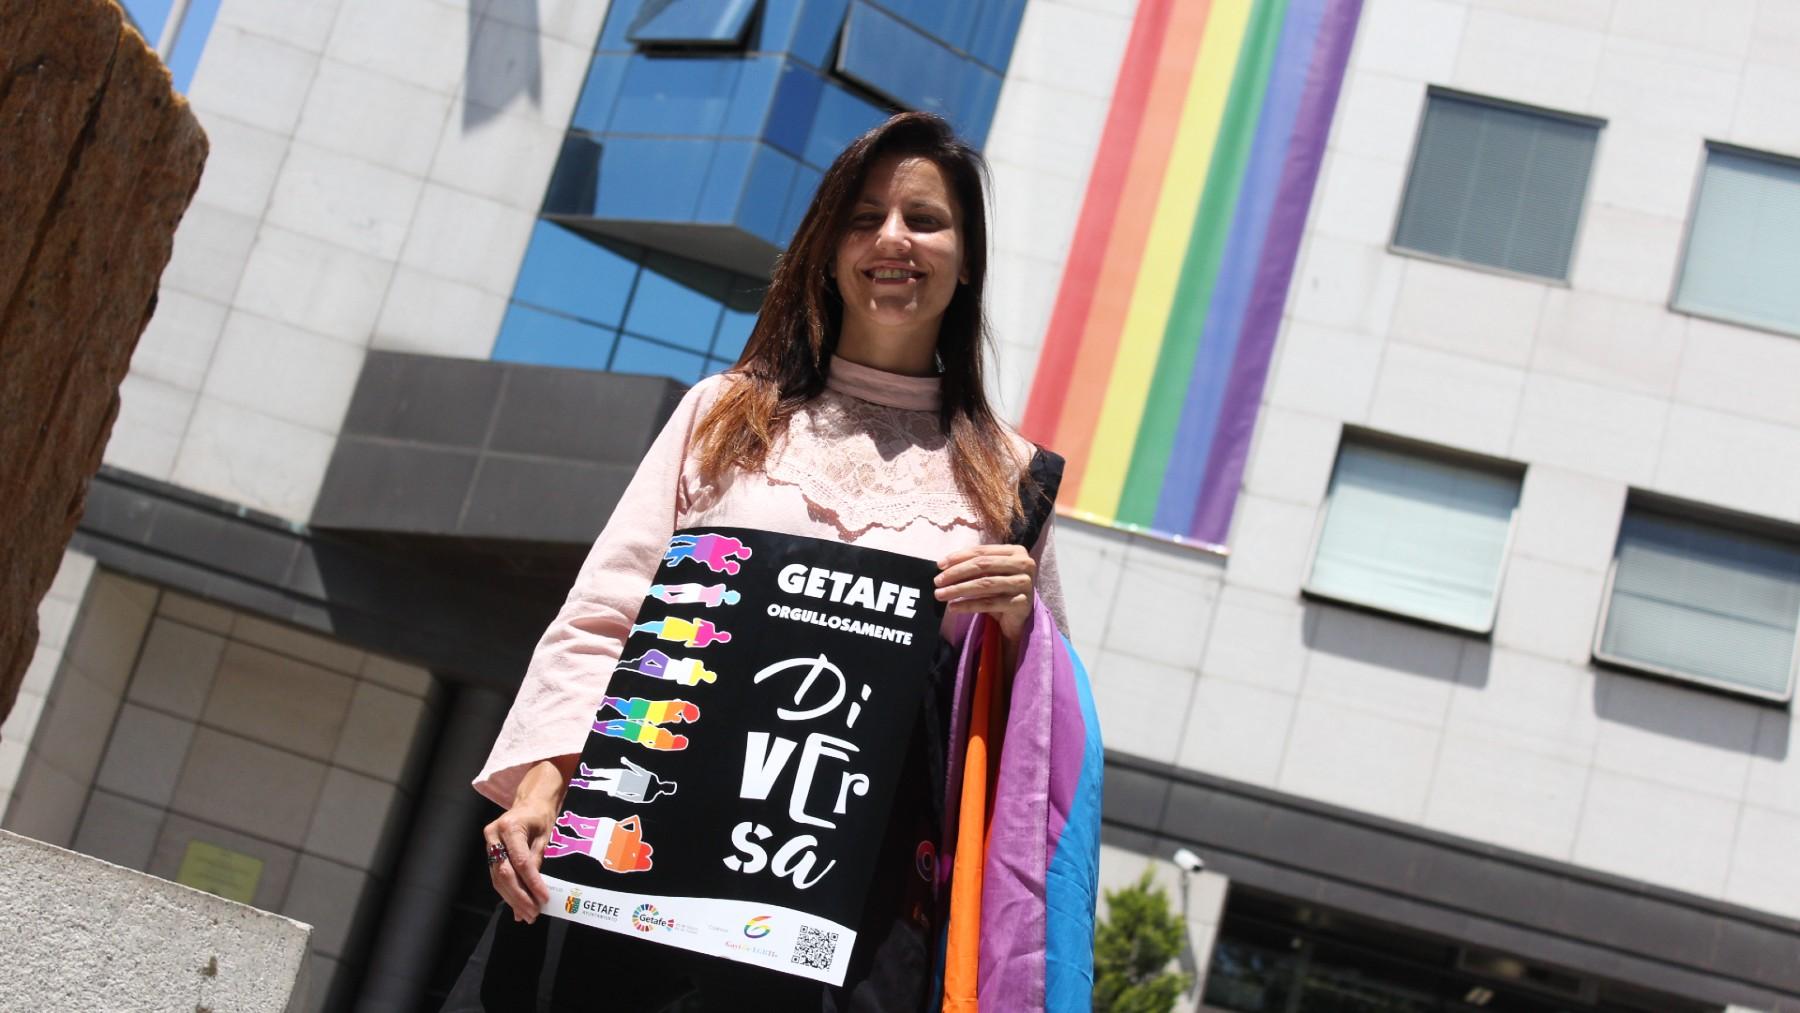 Alba Leo es una concejal de Podemos en Getafe.